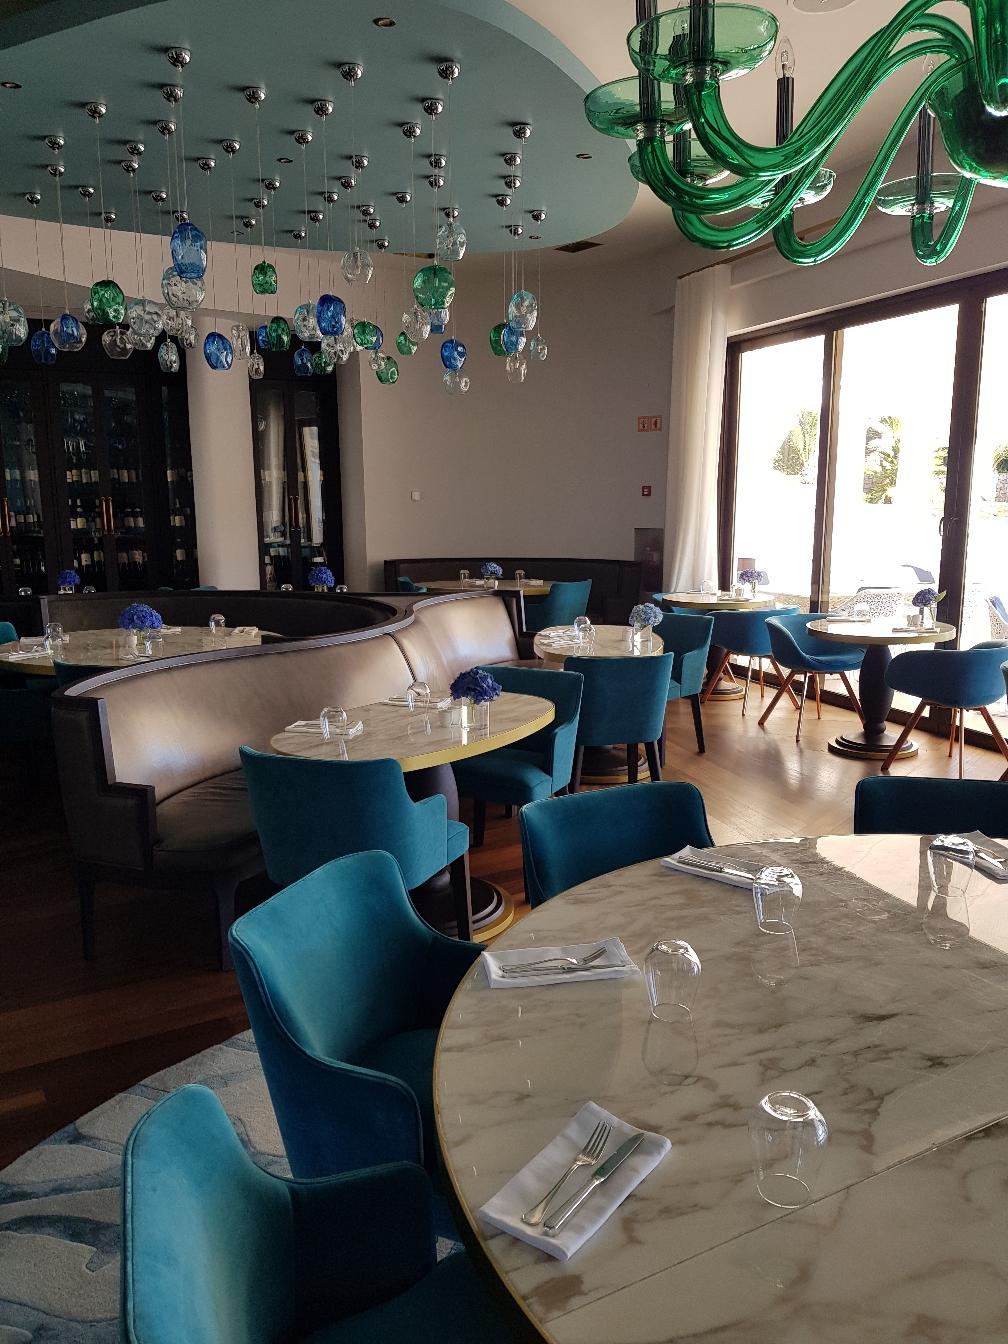 Das 2-Sterne renommierte Restaurant The Ocean